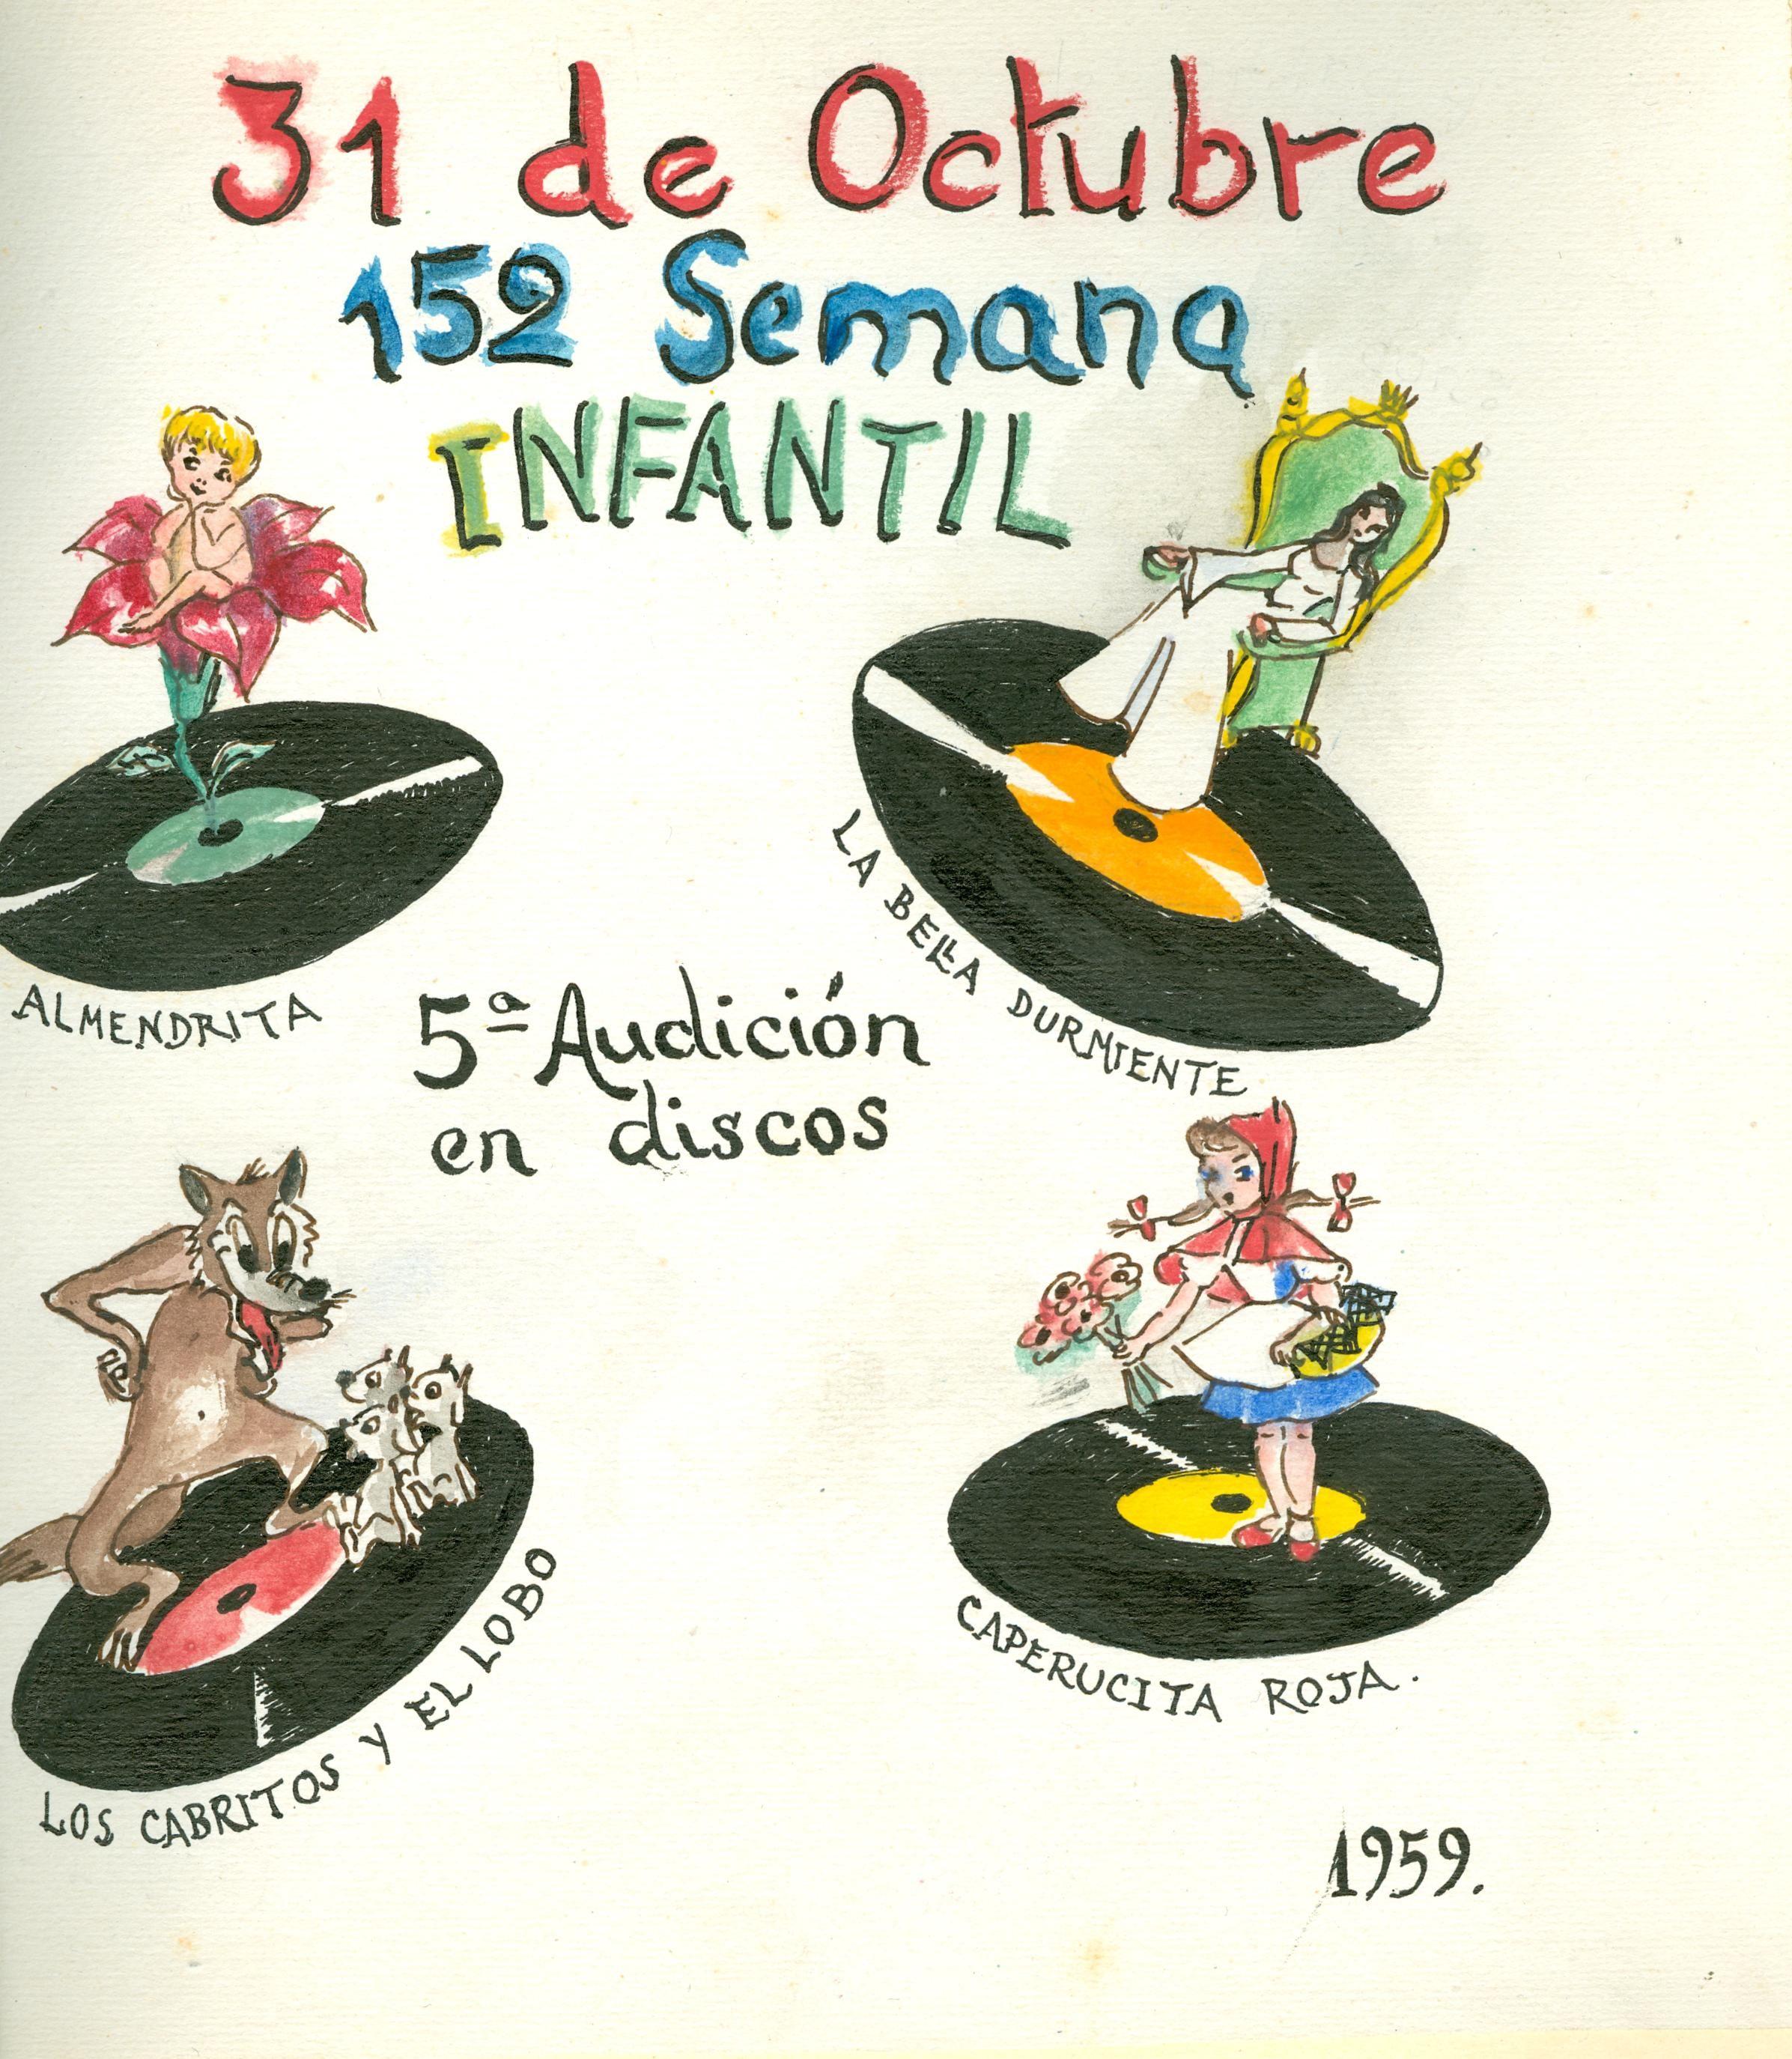 """Cartell il·lustrat per la bibliotecària Natàlia Hernàndez, per informar de l'hora del conte destinada al dia 31 d'octubre de 1959 en la biblioteca Pare Miquel d'Esplugues. 5a audició de discos en que s'escoltaren: """"Almendrita"""", """"La bella durmiente"""", """"Los cabritos y el lobo"""" i, """"Caperucita roja""""."""